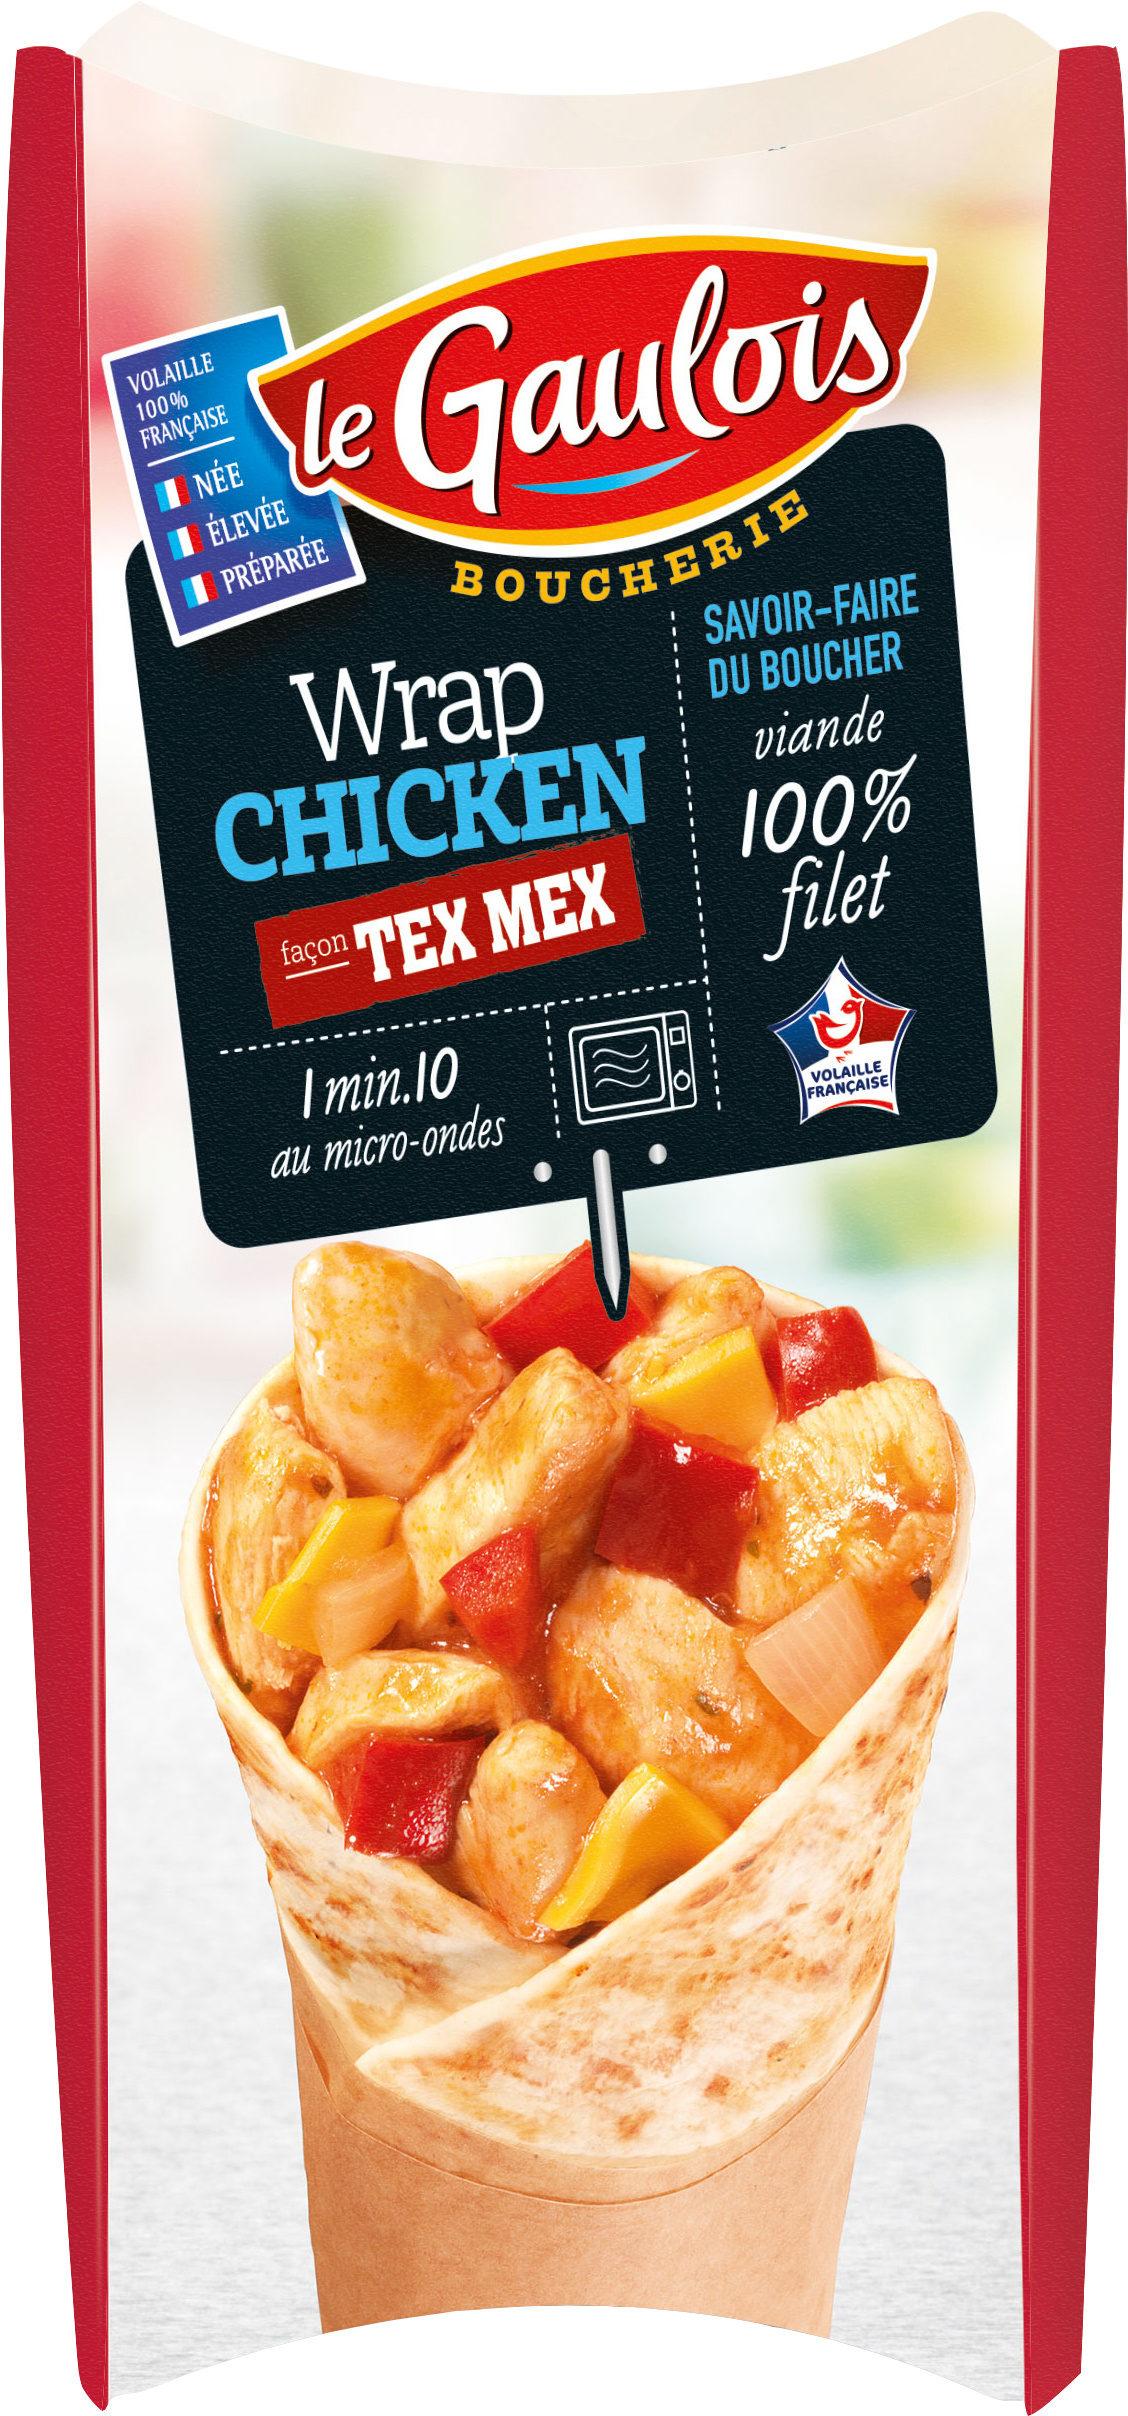 wrap chicken façon tex mex boucherie x1 - Product - fr